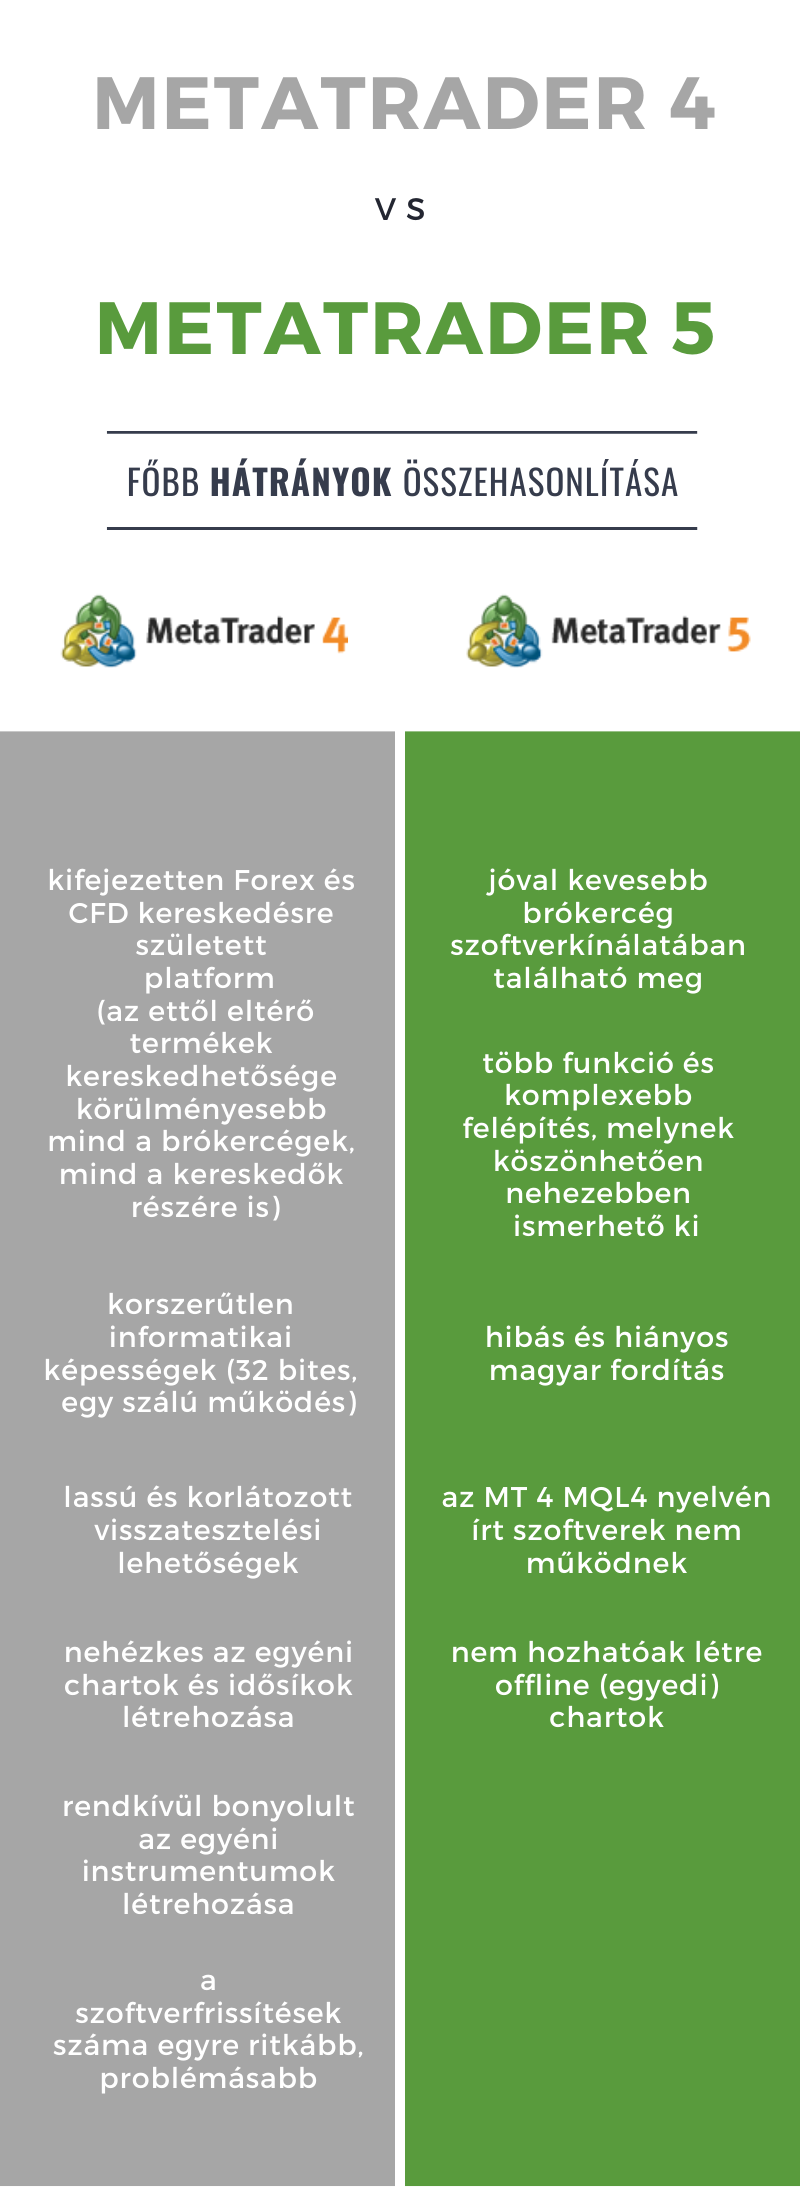 MetaTrader4 és MetaTrader5 hátrányai